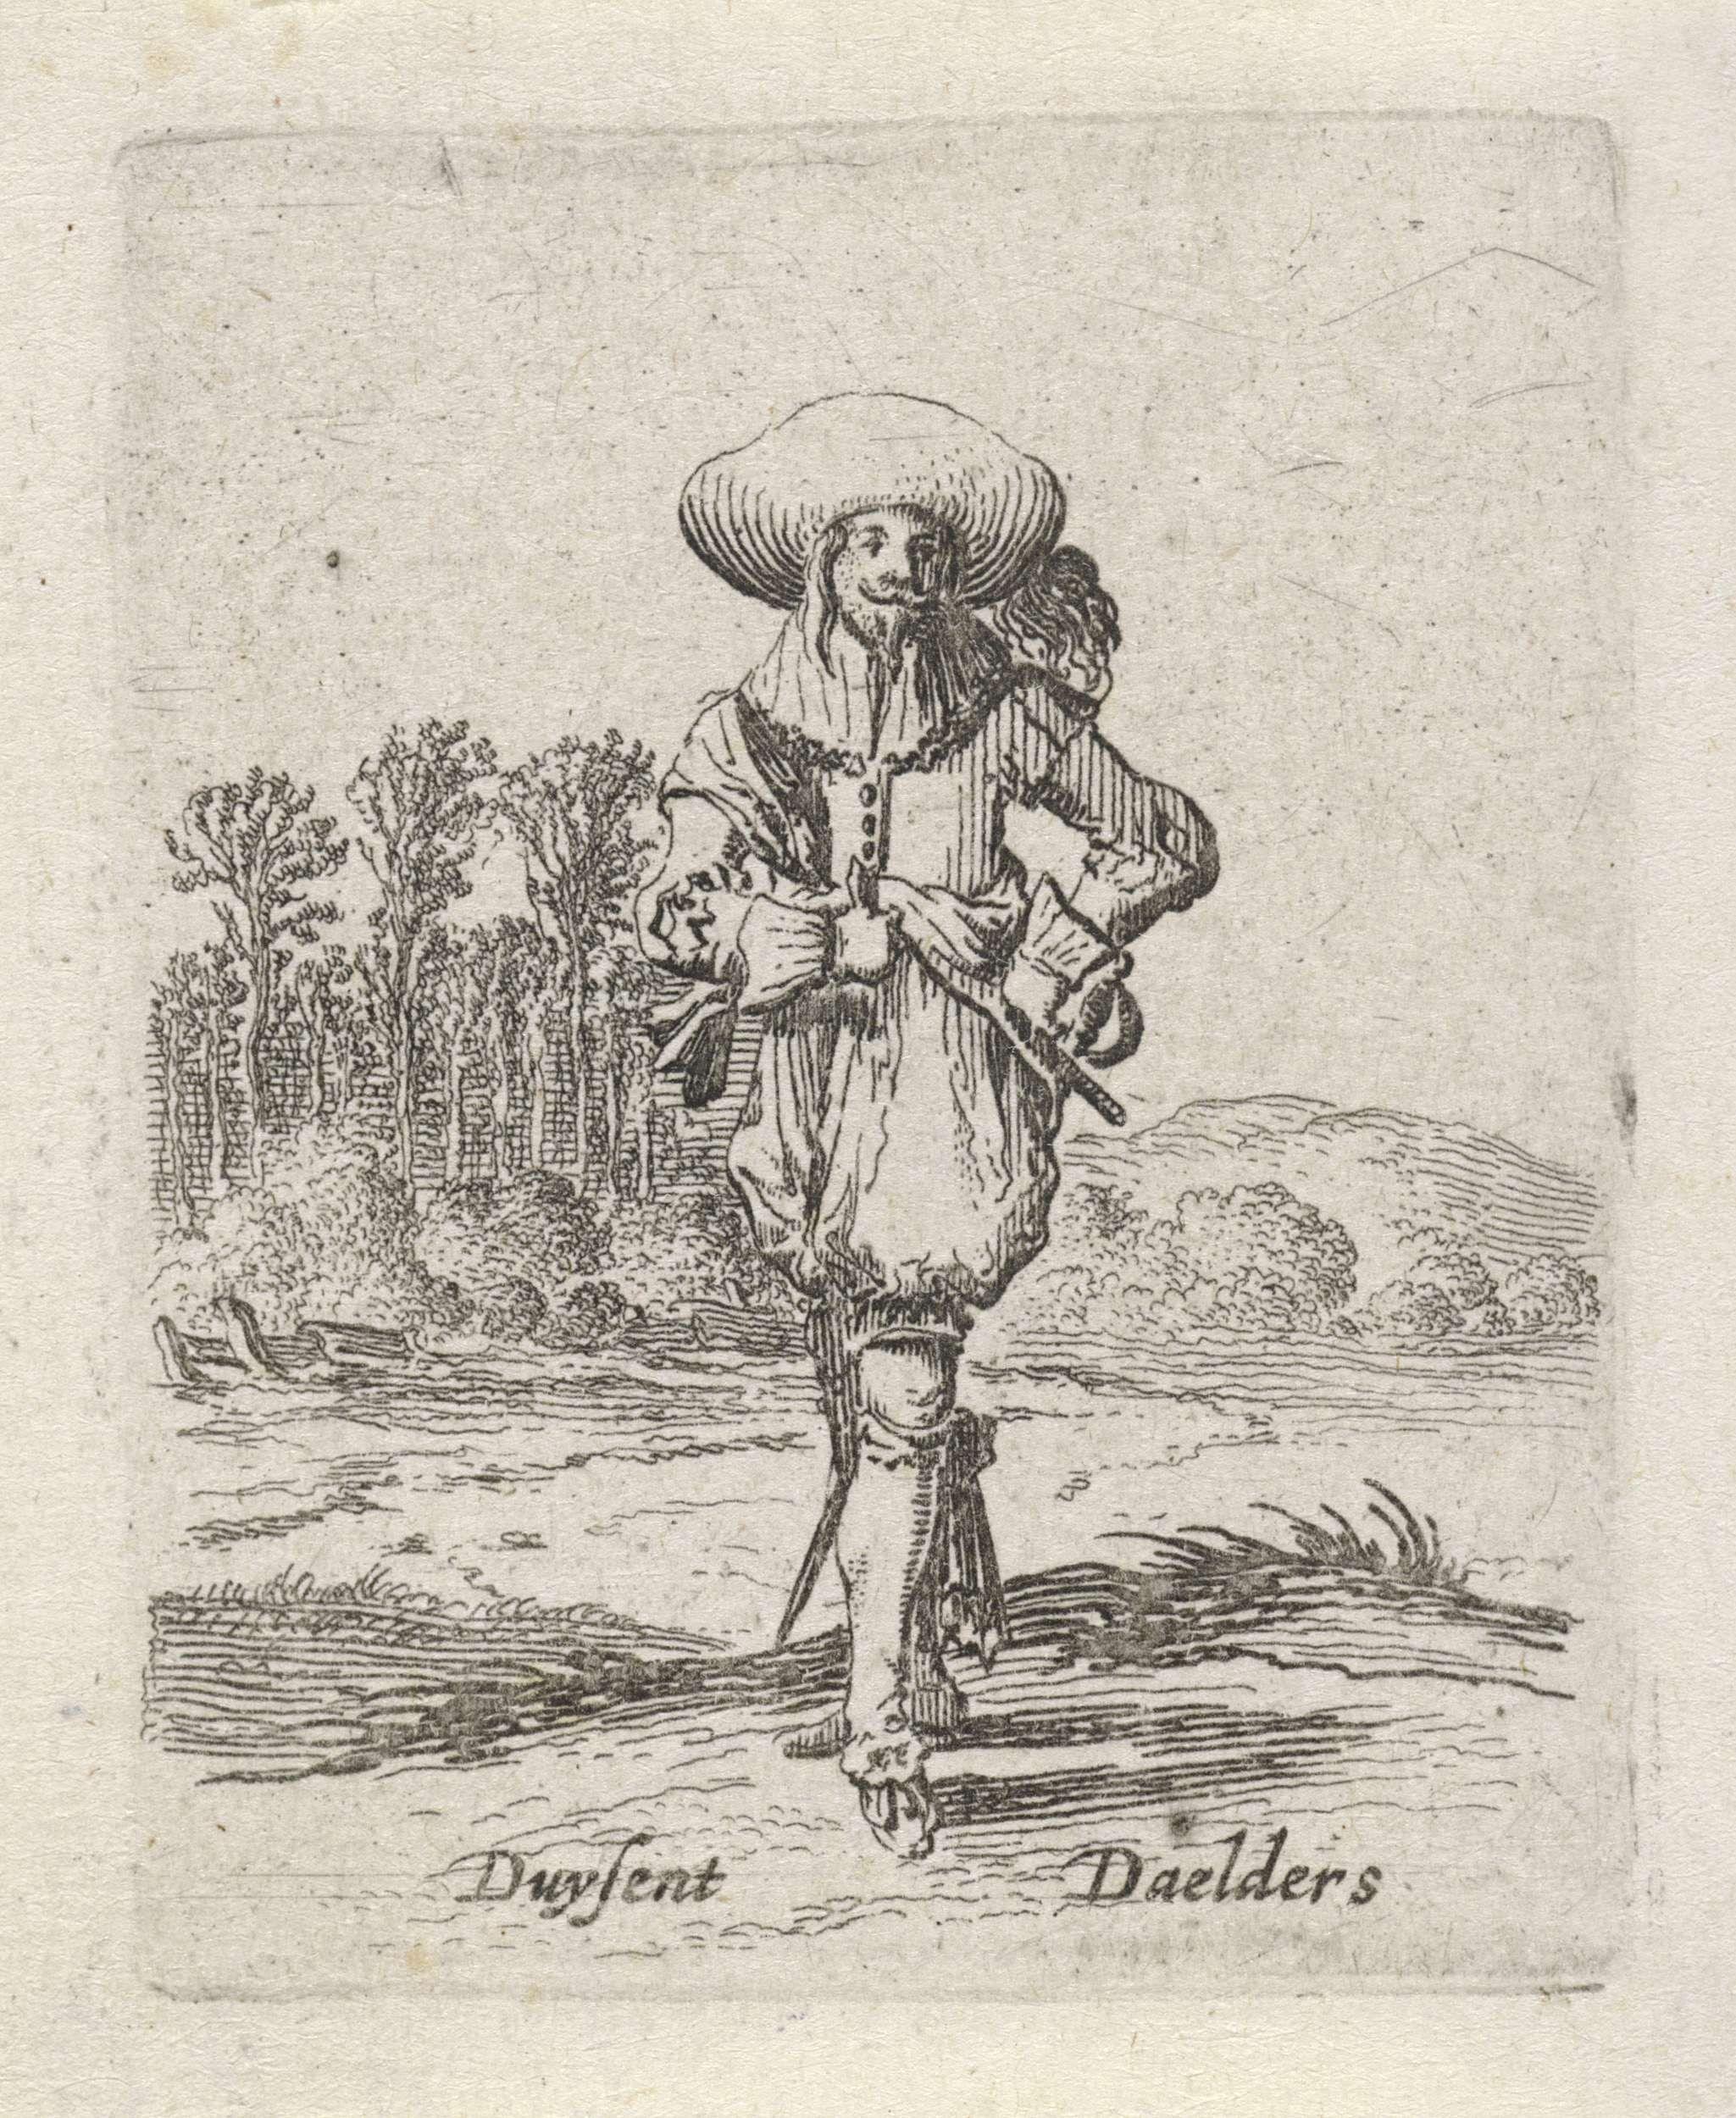 Gillis van Scheyndel (I) | Man met de handen in de zij, Gillis van Scheyndel (I), Salomon Savery, 1638 | Een man met een gevederde hoed op het hoofd en de handen in de zij. Op de achtergrond enkele bomen. De prent maakt deel uit van een serie van 32 prenten met genretaferelen.